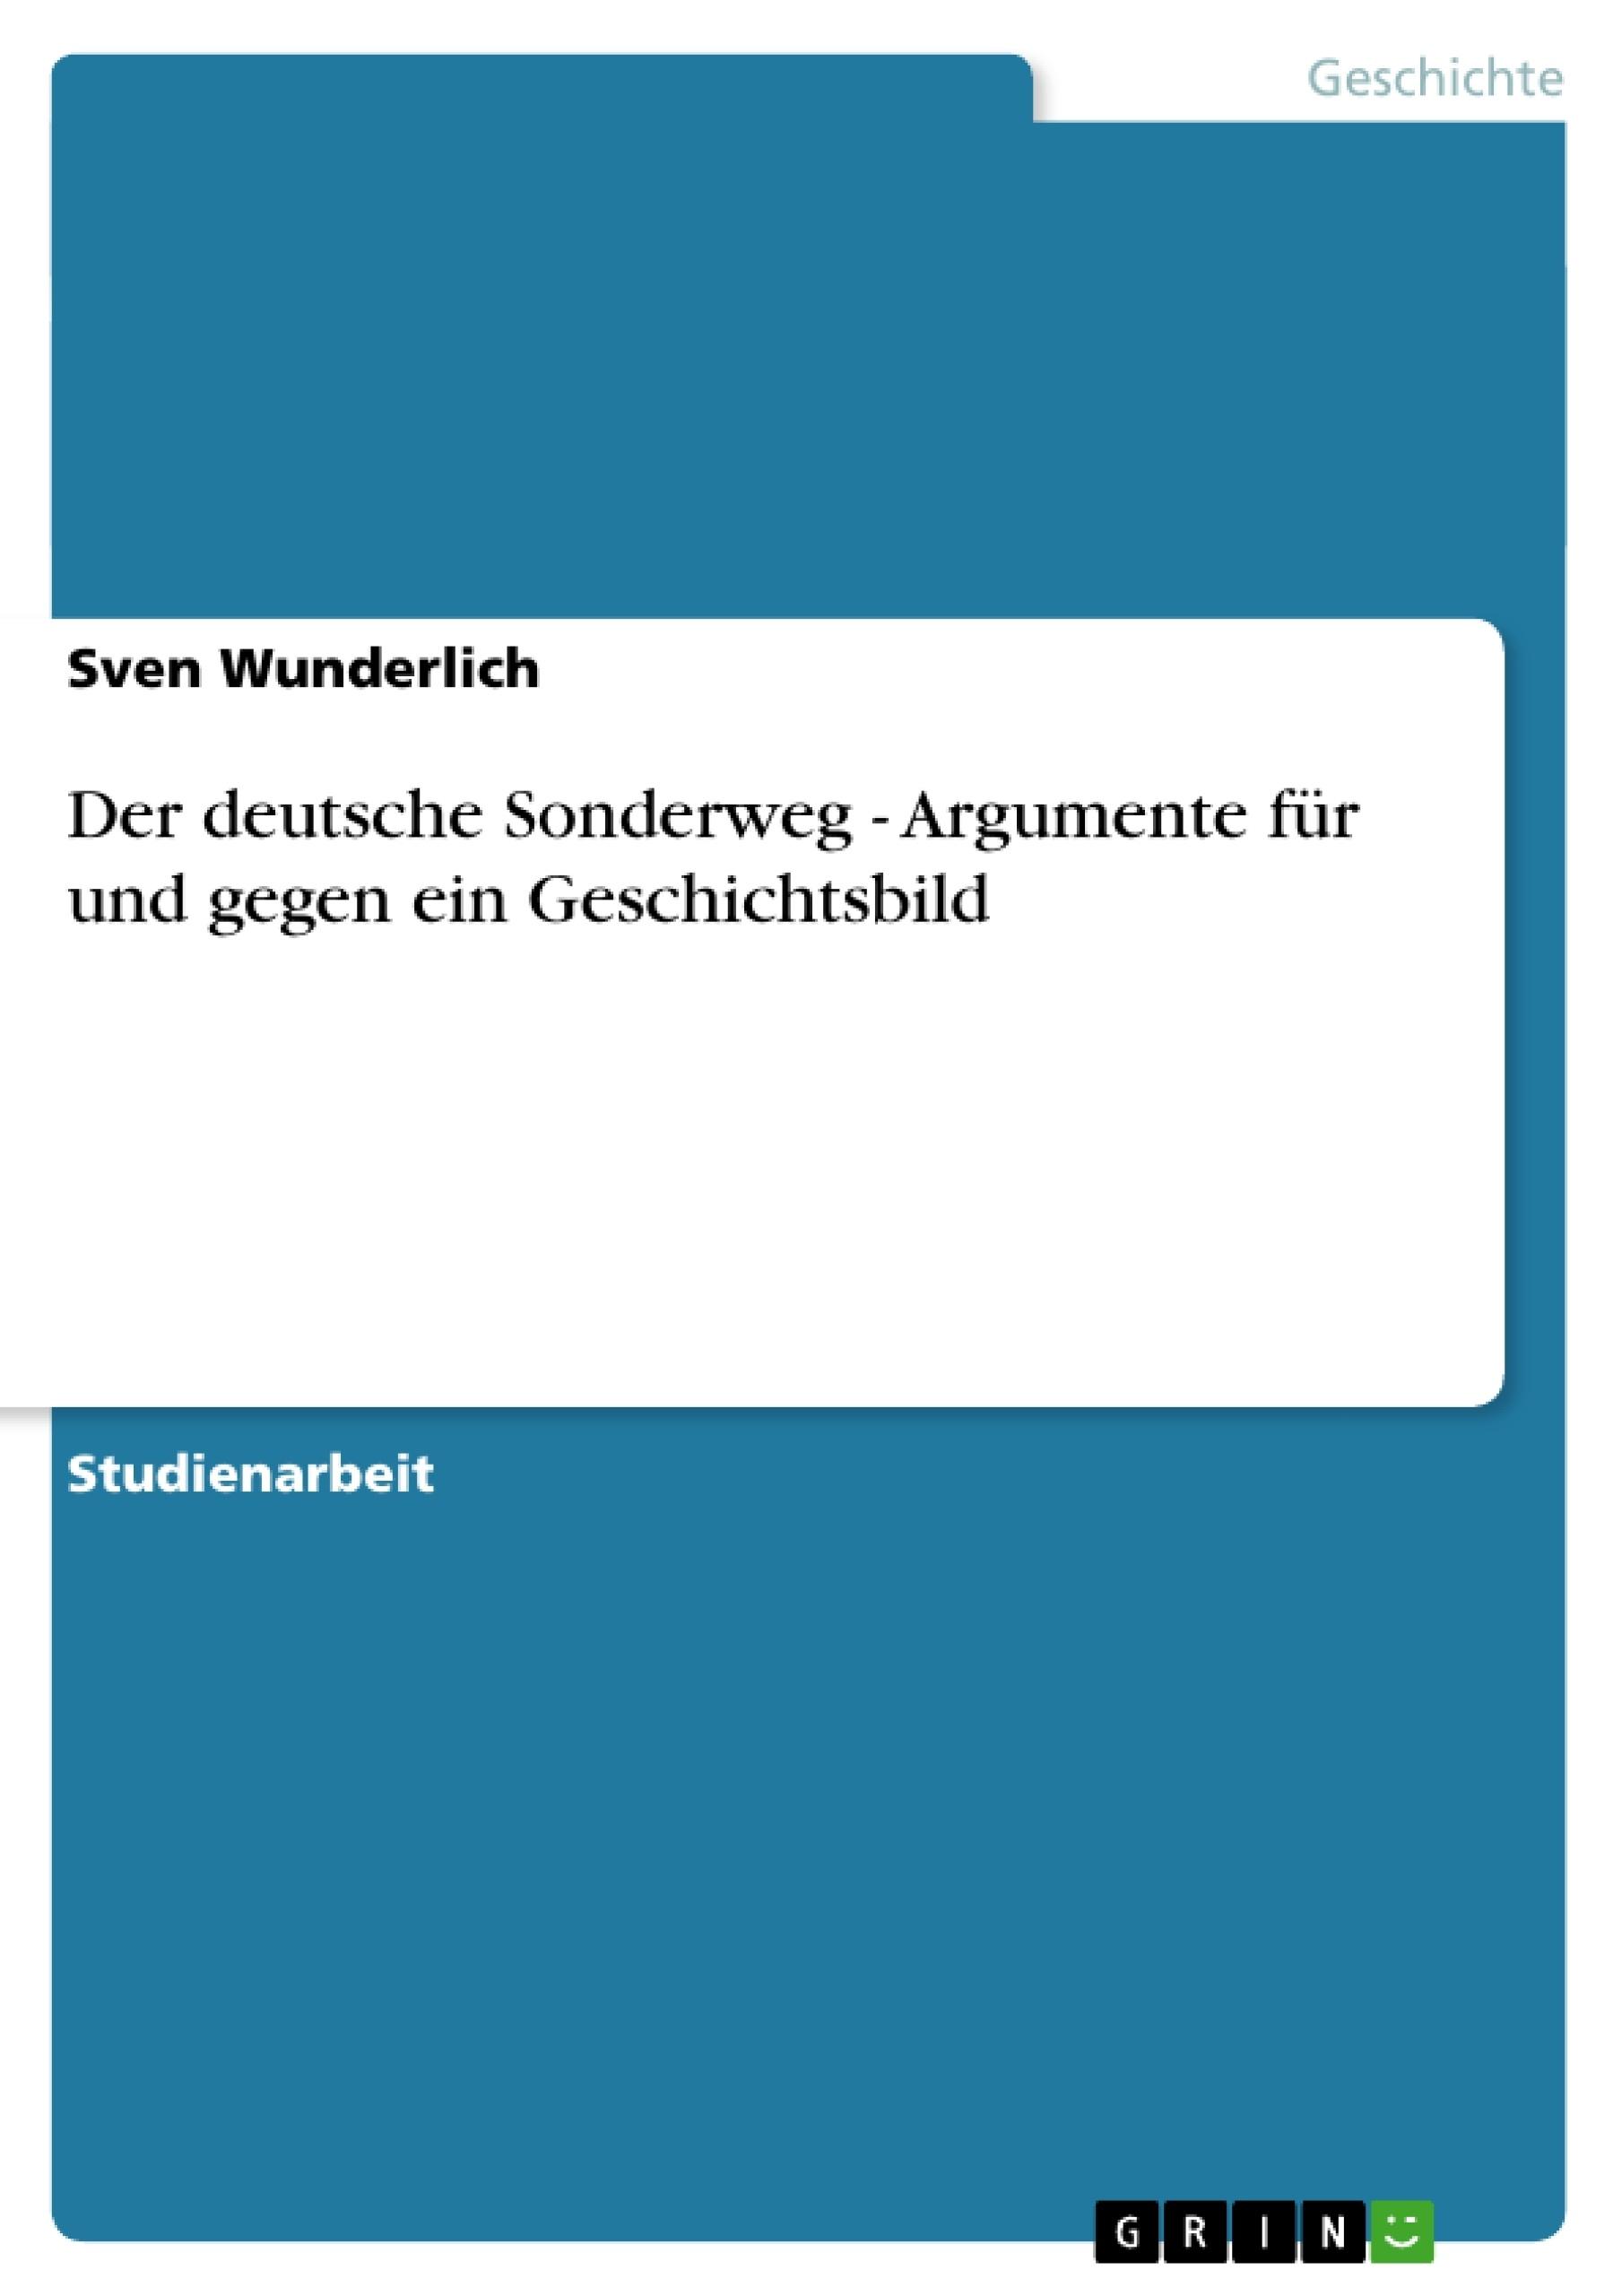 Titel: Der deutsche Sonderweg - Argumente für und gegen ein Geschichtsbild